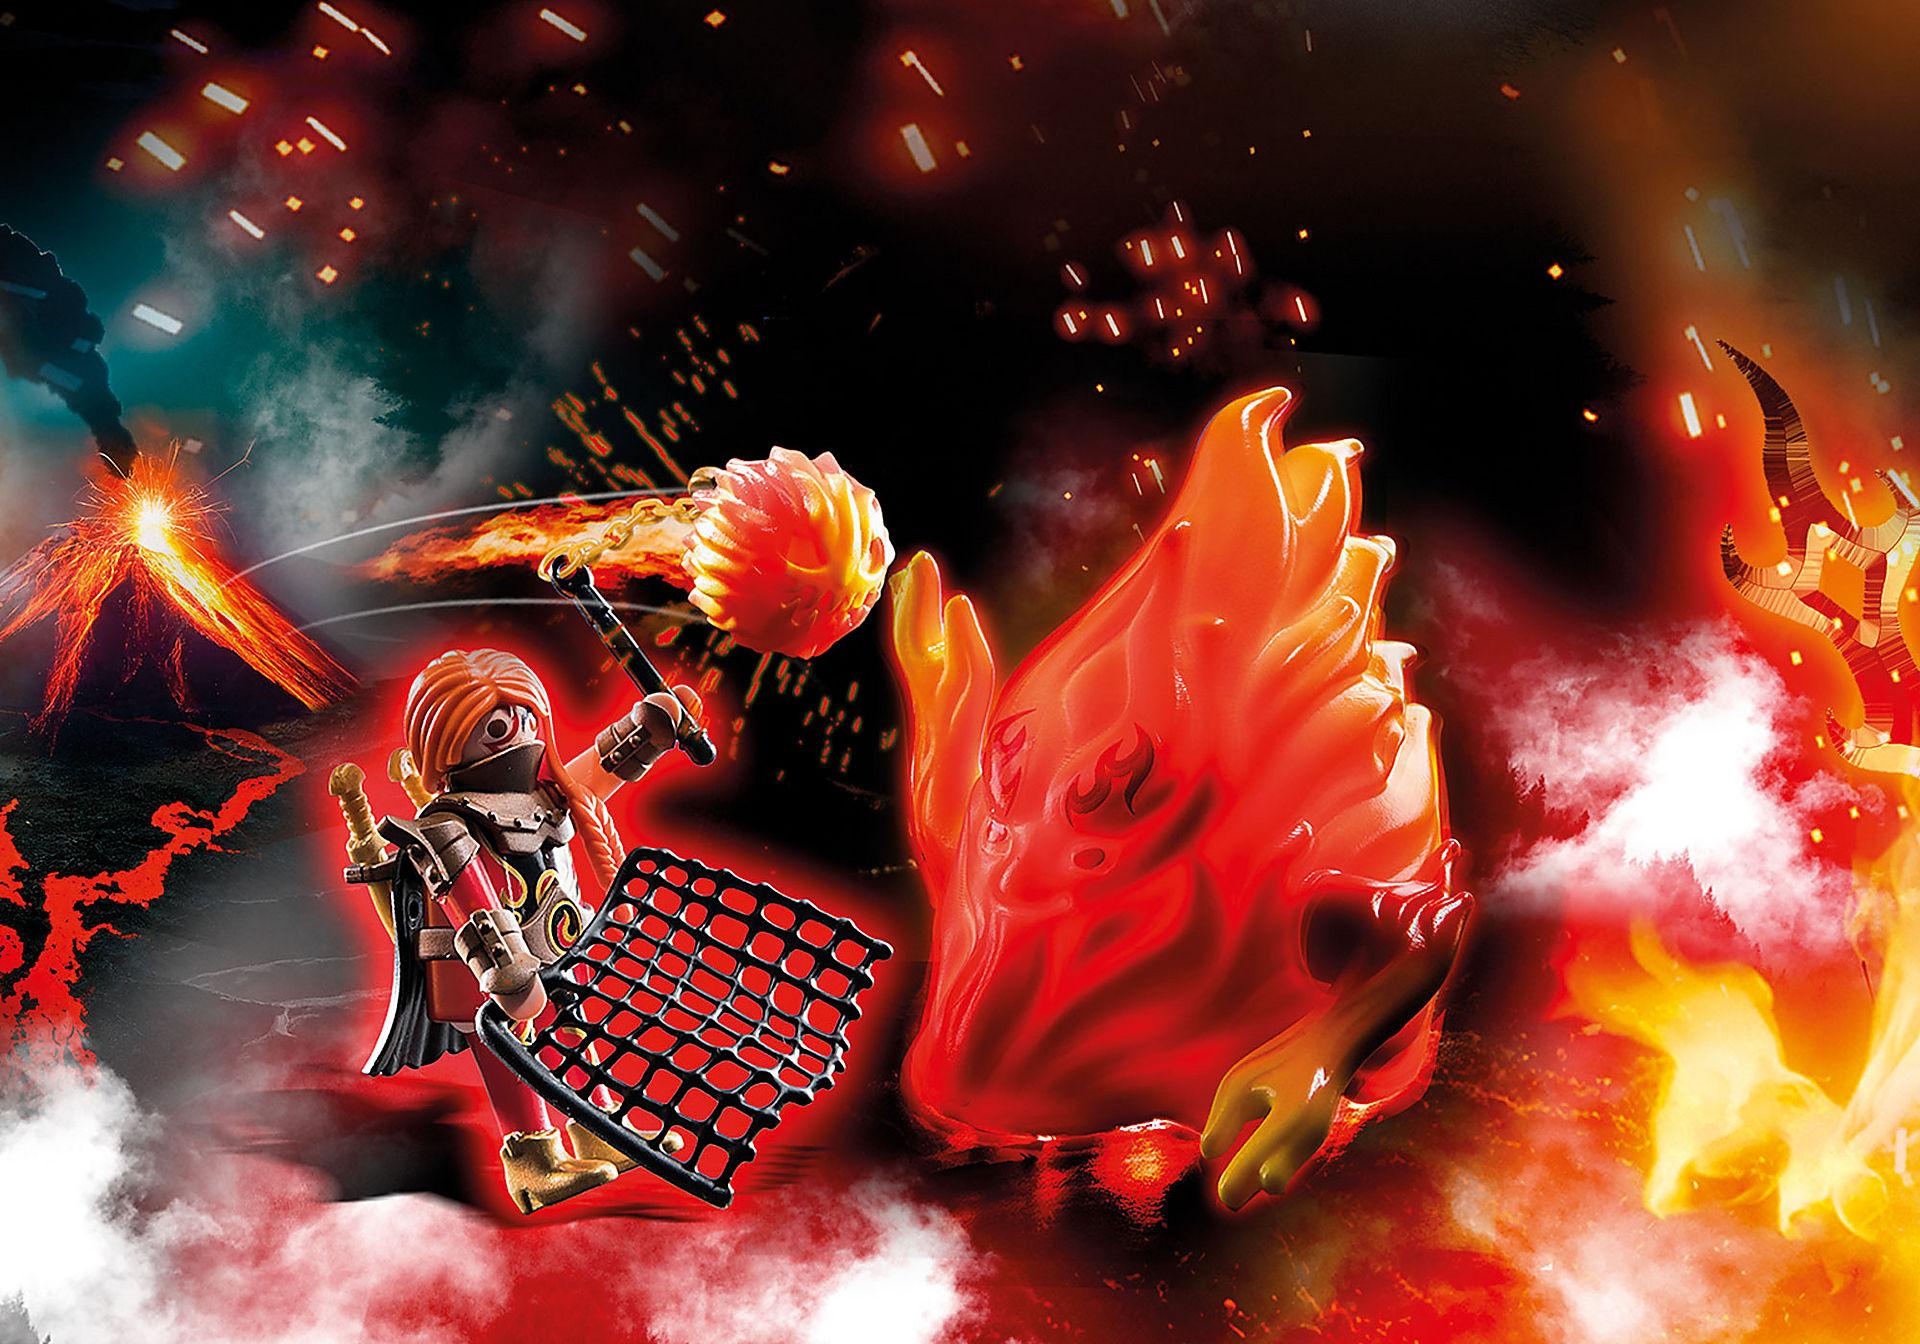 70227 Burnham Raiders Feuergeist und die Hüterin des Feuers zoom image1